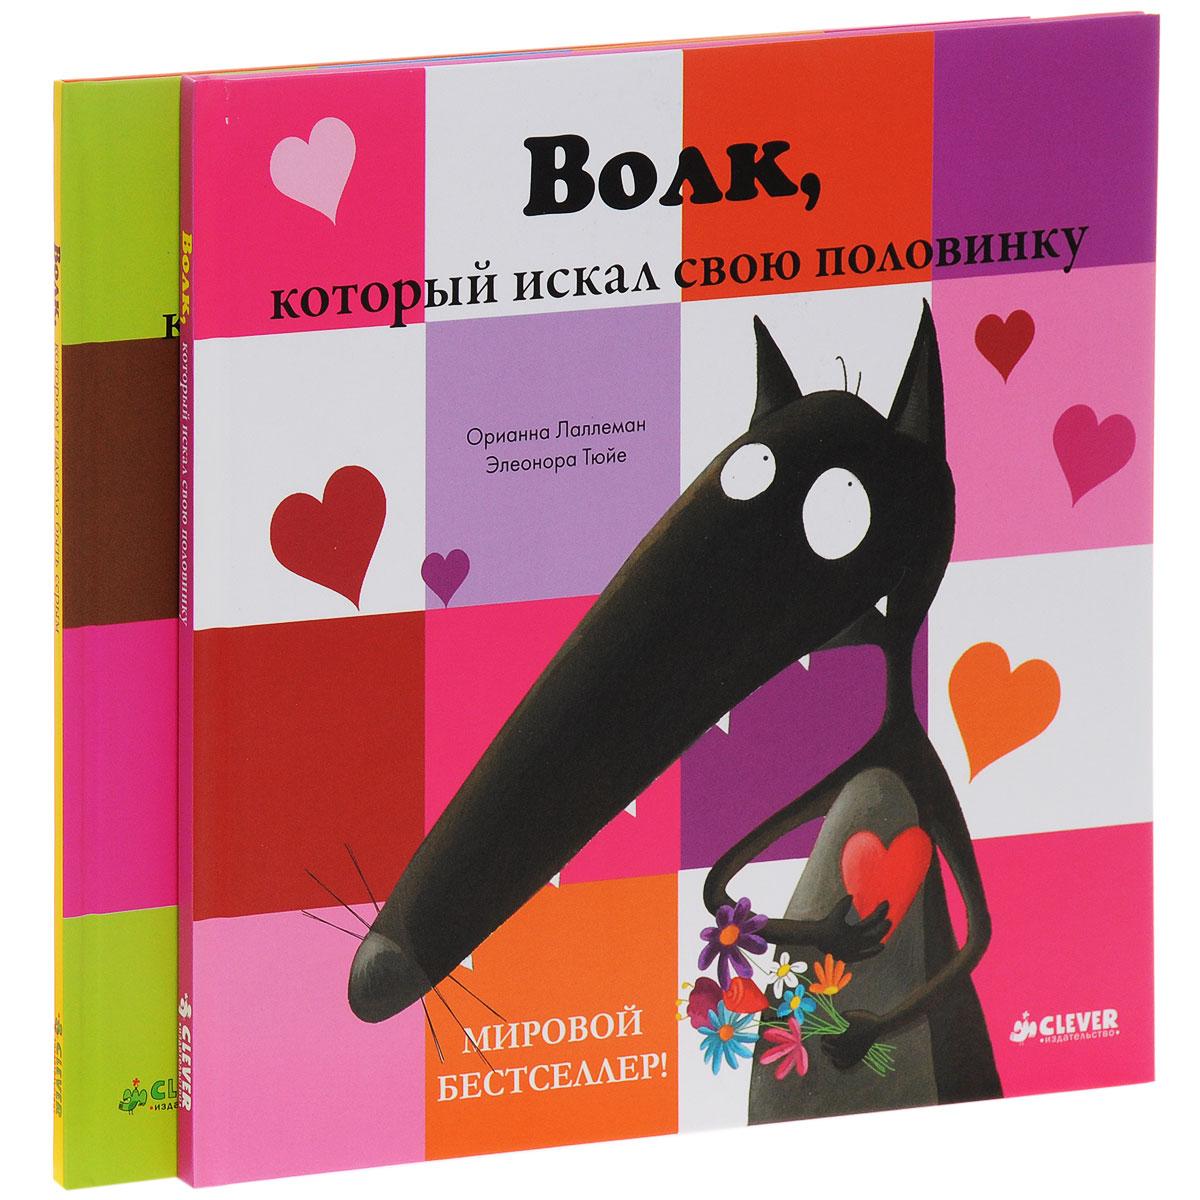 Волк-романтик и сказки Дремучего леса (комплект из 2 книг)